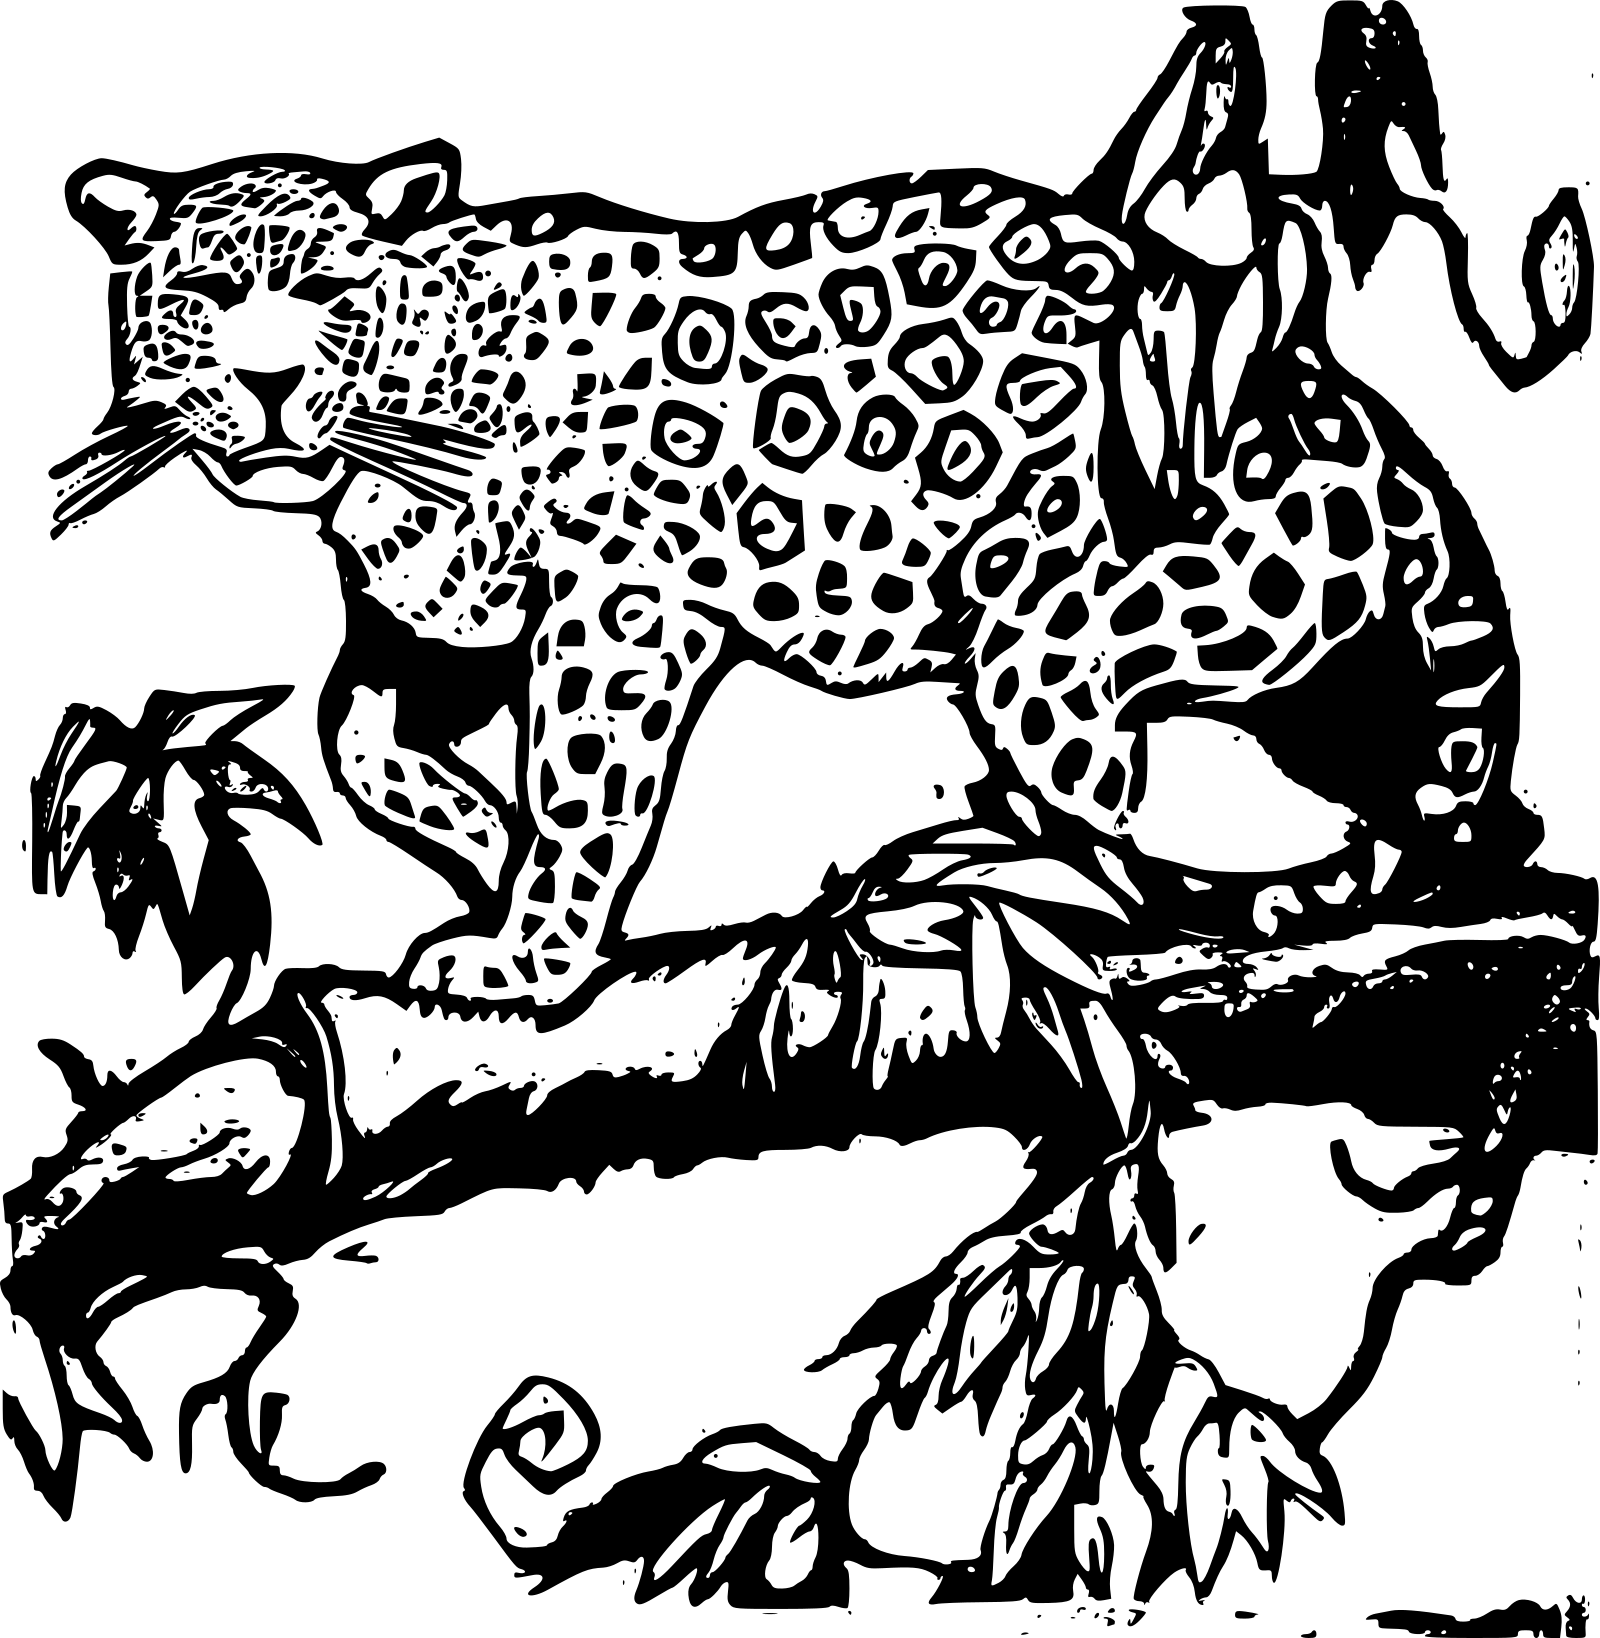 Jaguar SVG Clip arts